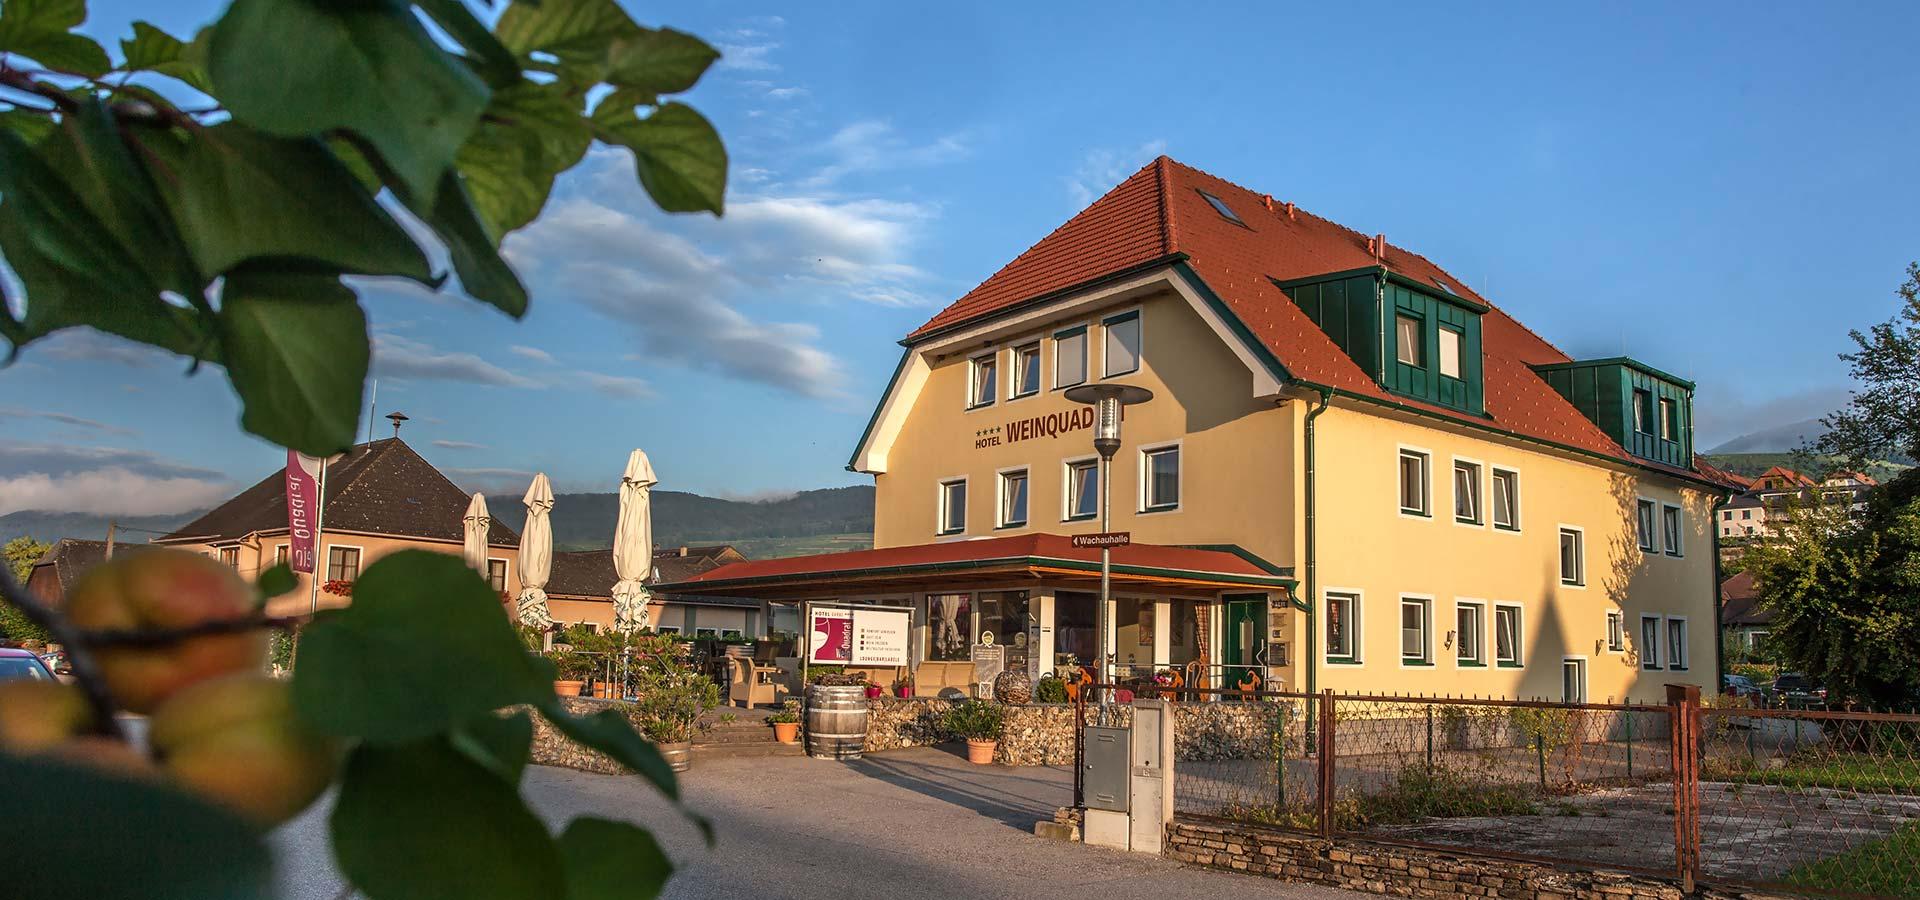 Boutiquehotel Weinquadrat Hotel Wachau Weissenkirchen